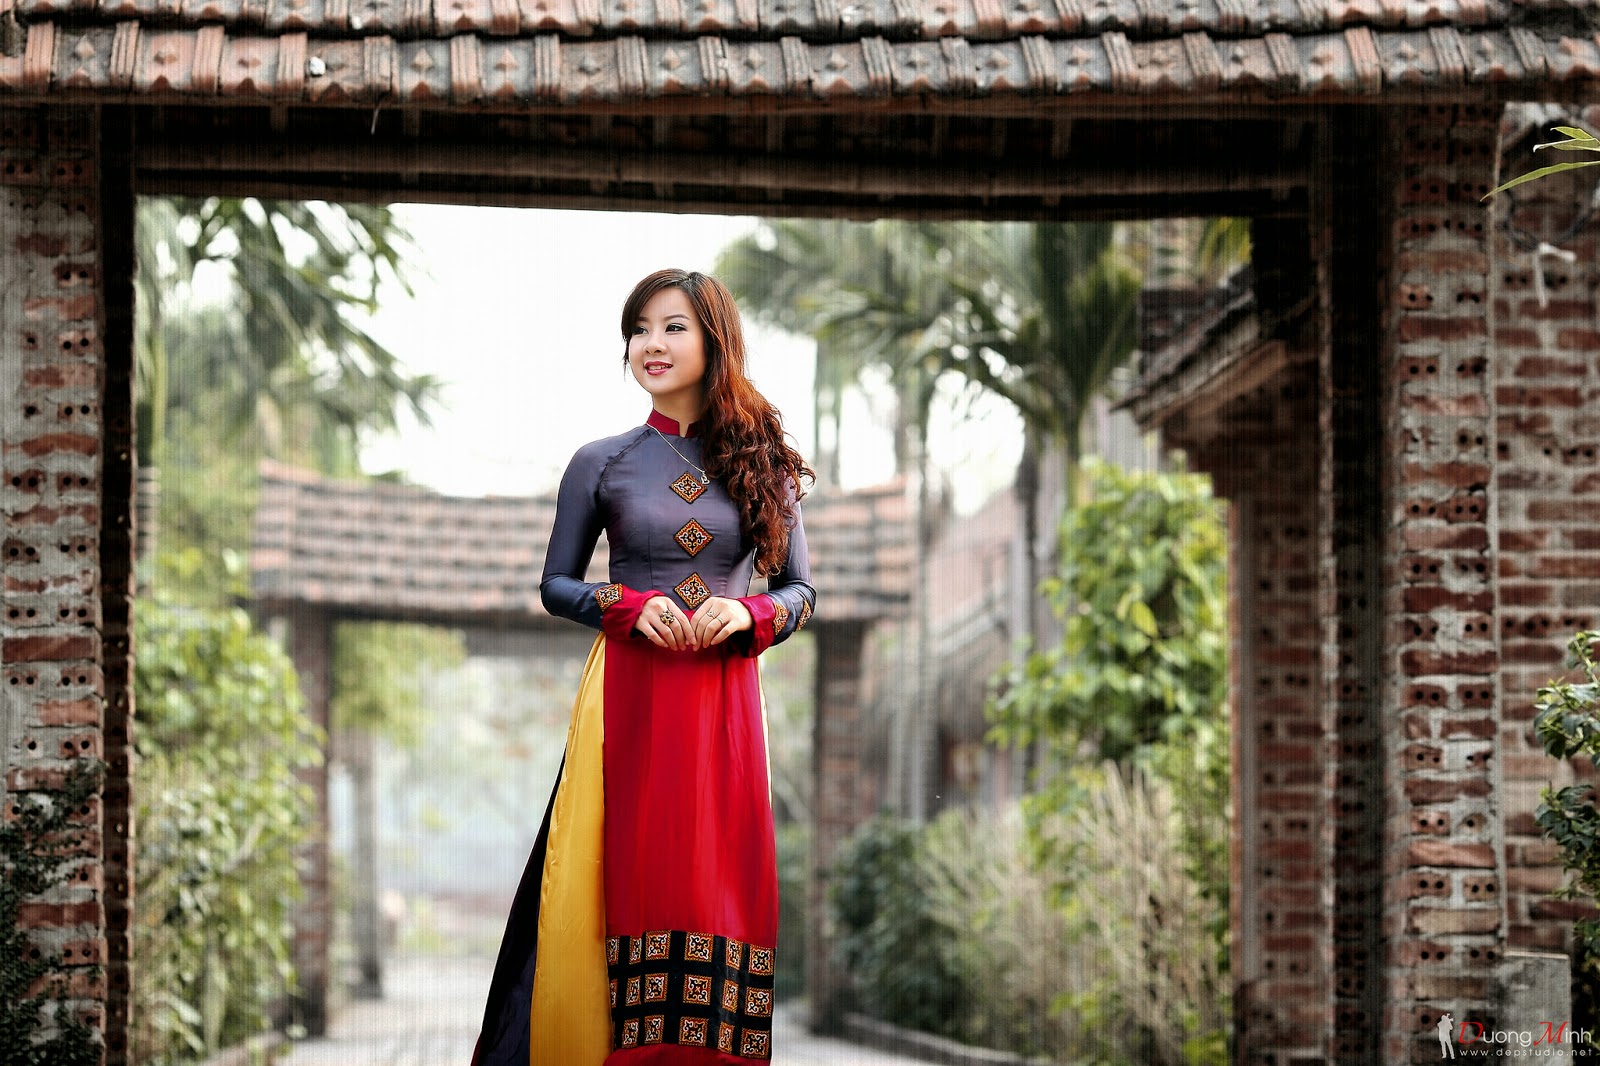 Ảnh đẹp girl xinh Áo dài truyền thống Việt Nam - Ảnh 29